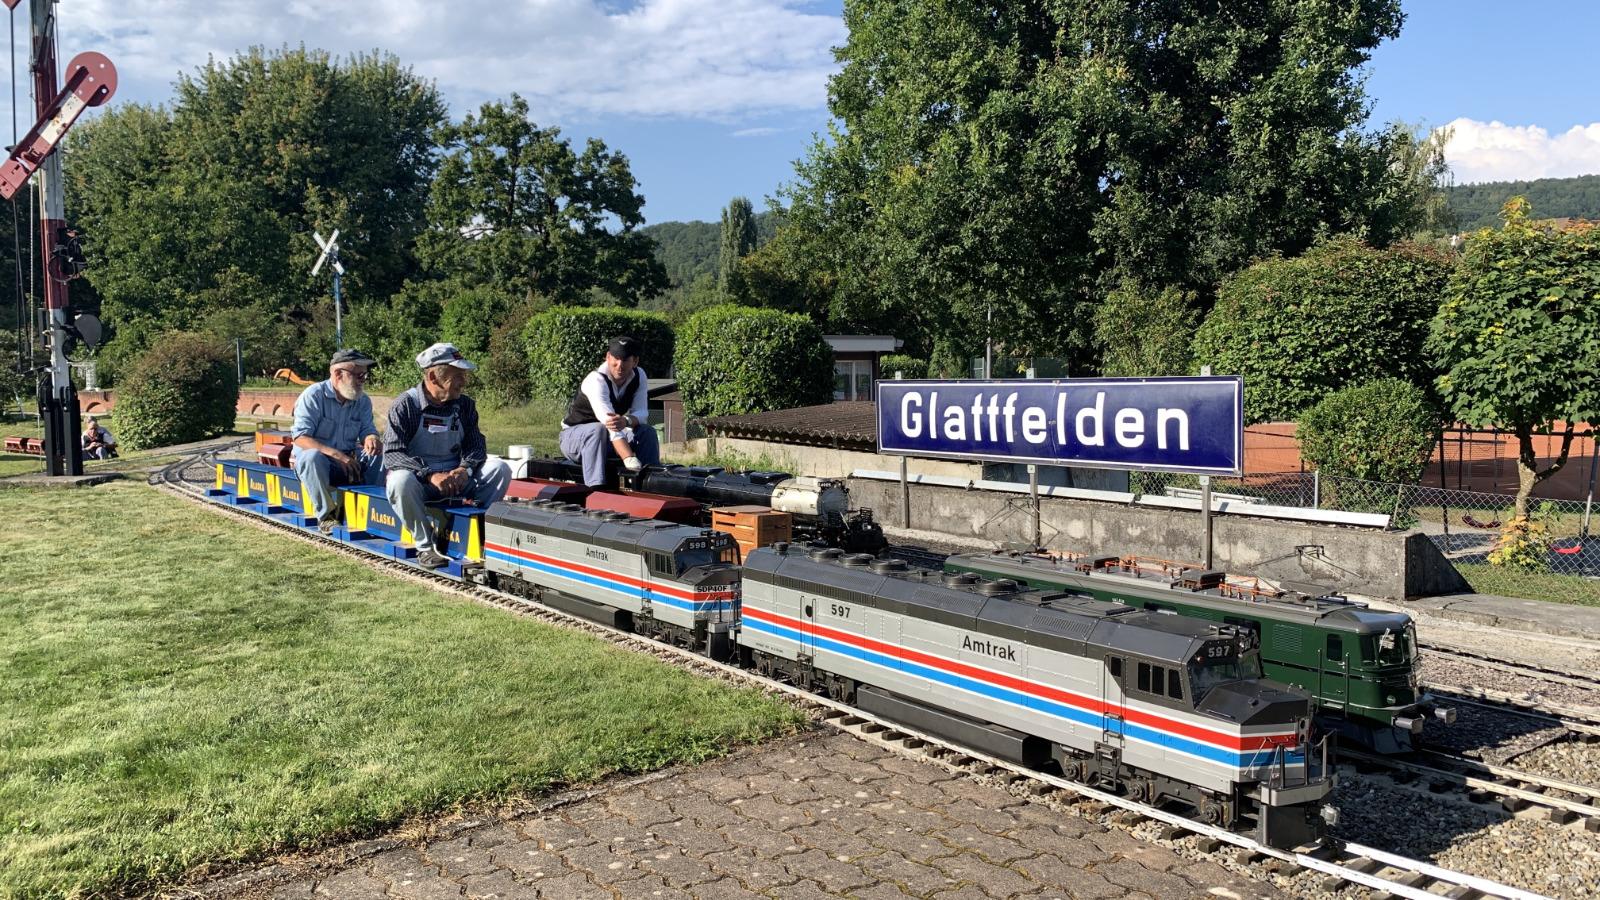 Züge warten im Bahnhof Glattfelden